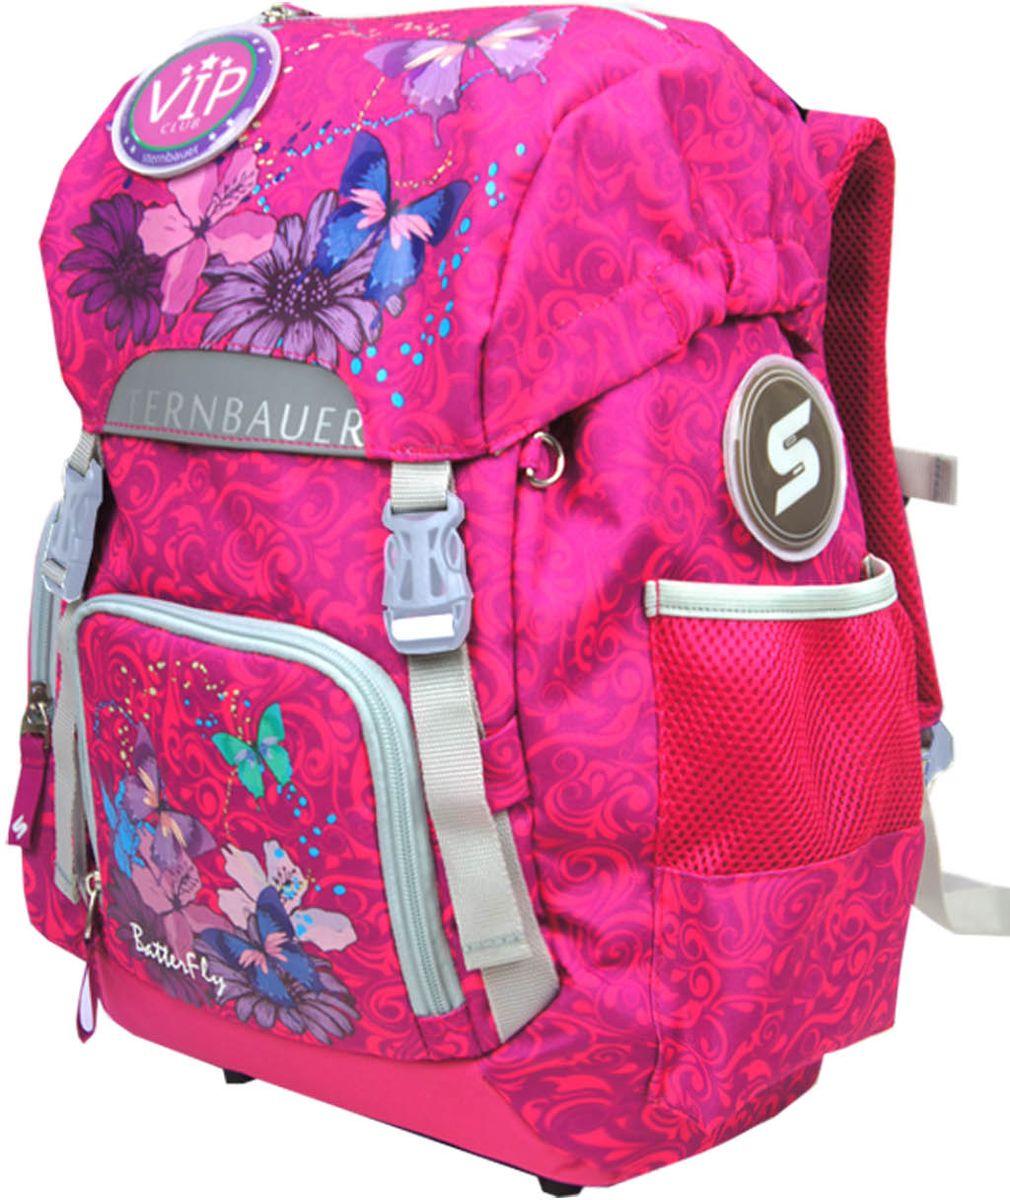 Sternbauer Рюкзак школьный SB цвет розовый 560472523WDНовая серия рюкзаков с кулискойКомпактный размер - вместительный объемВес всего 800 граммОртопедическая спинка с анатомическими вставкамиНагрудный фиксаторДополнительный внутренний объем за счет кулискиПлотное дно